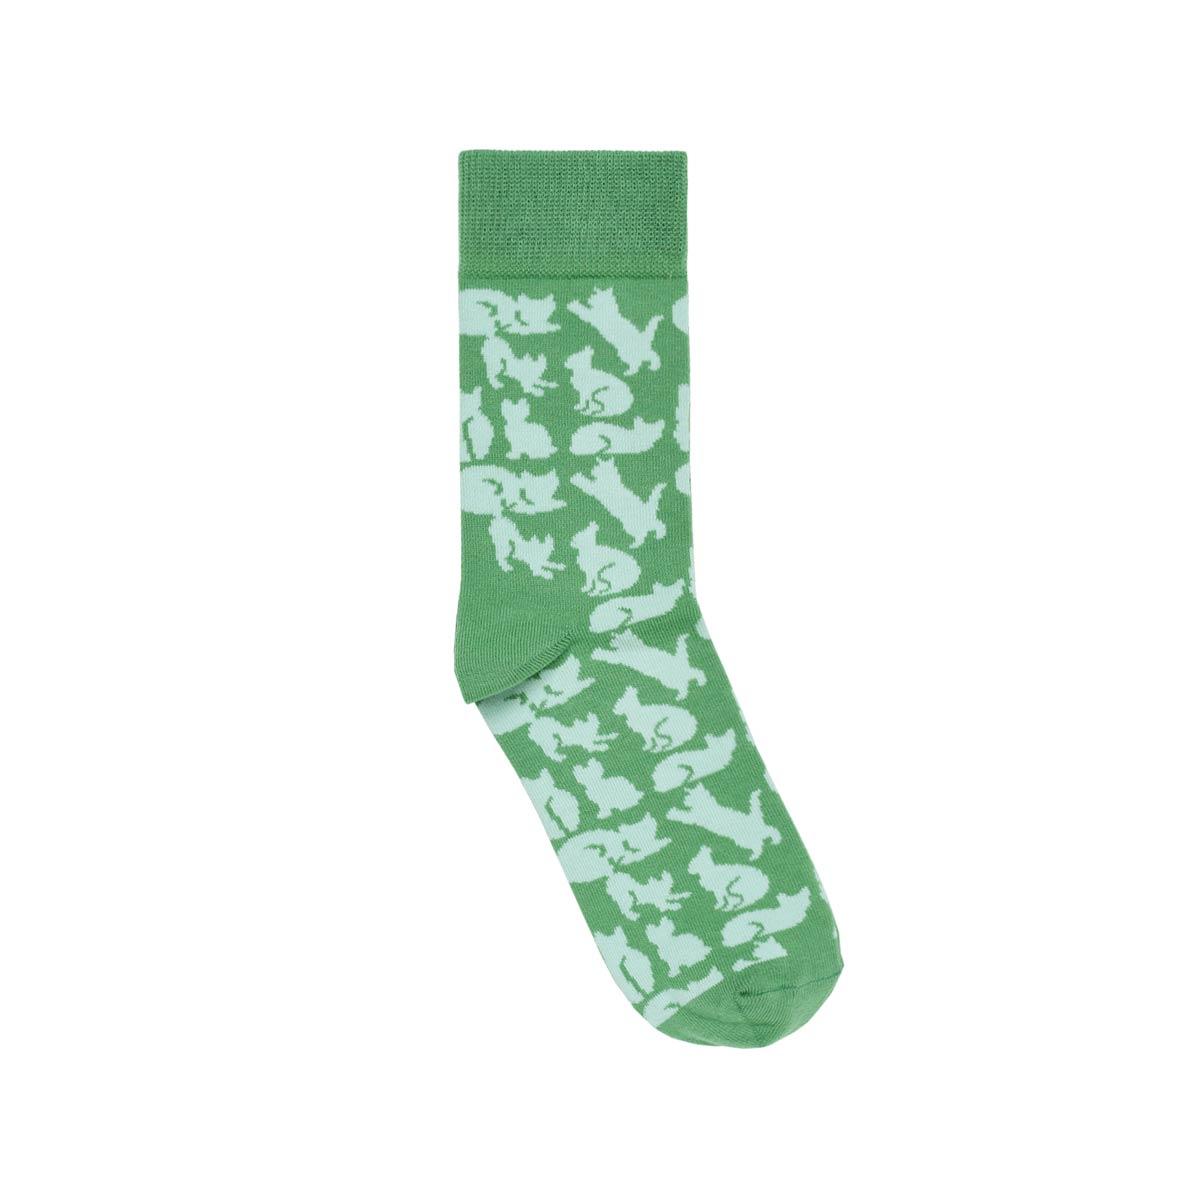 CH-00739-A12-chaussettes fantaisie-femme-chats-vert-35-39